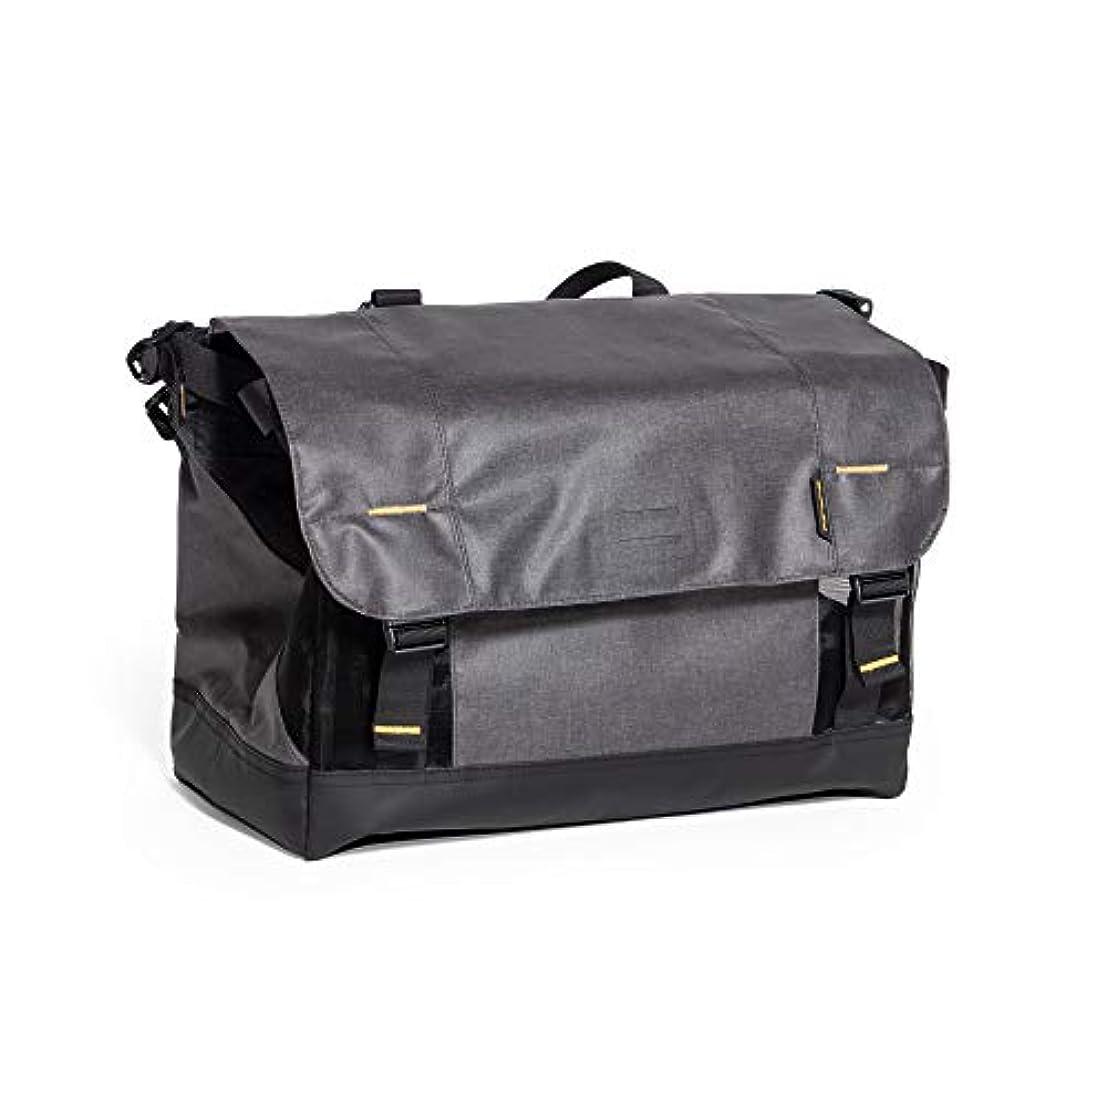 精緻化雑品堤防バーレー(Burley) トラボーイ(TRAVOY) V2専用マーケットバッグ ブラック